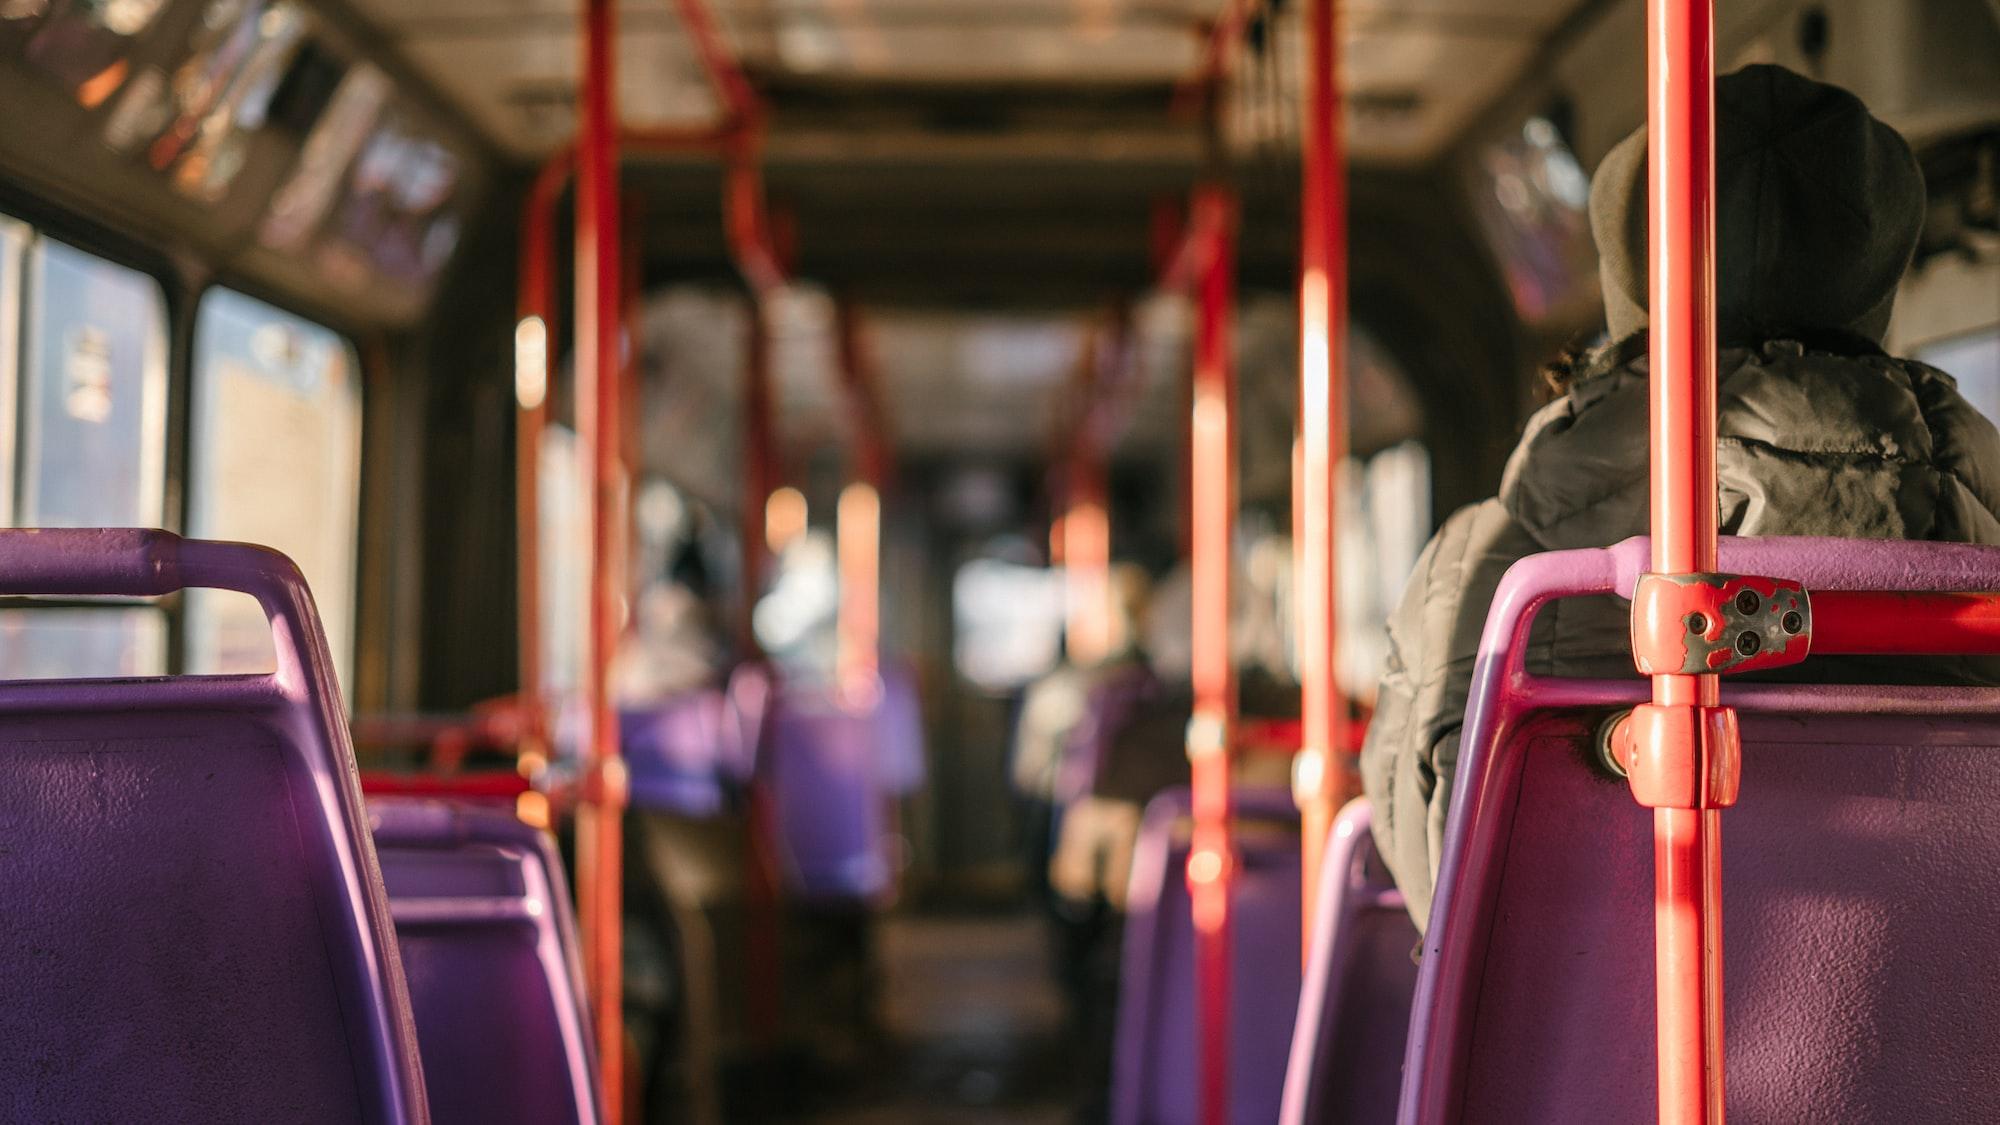 Bilet autobusowy za 1 złoty? W Wierzchosławicach to możliwe